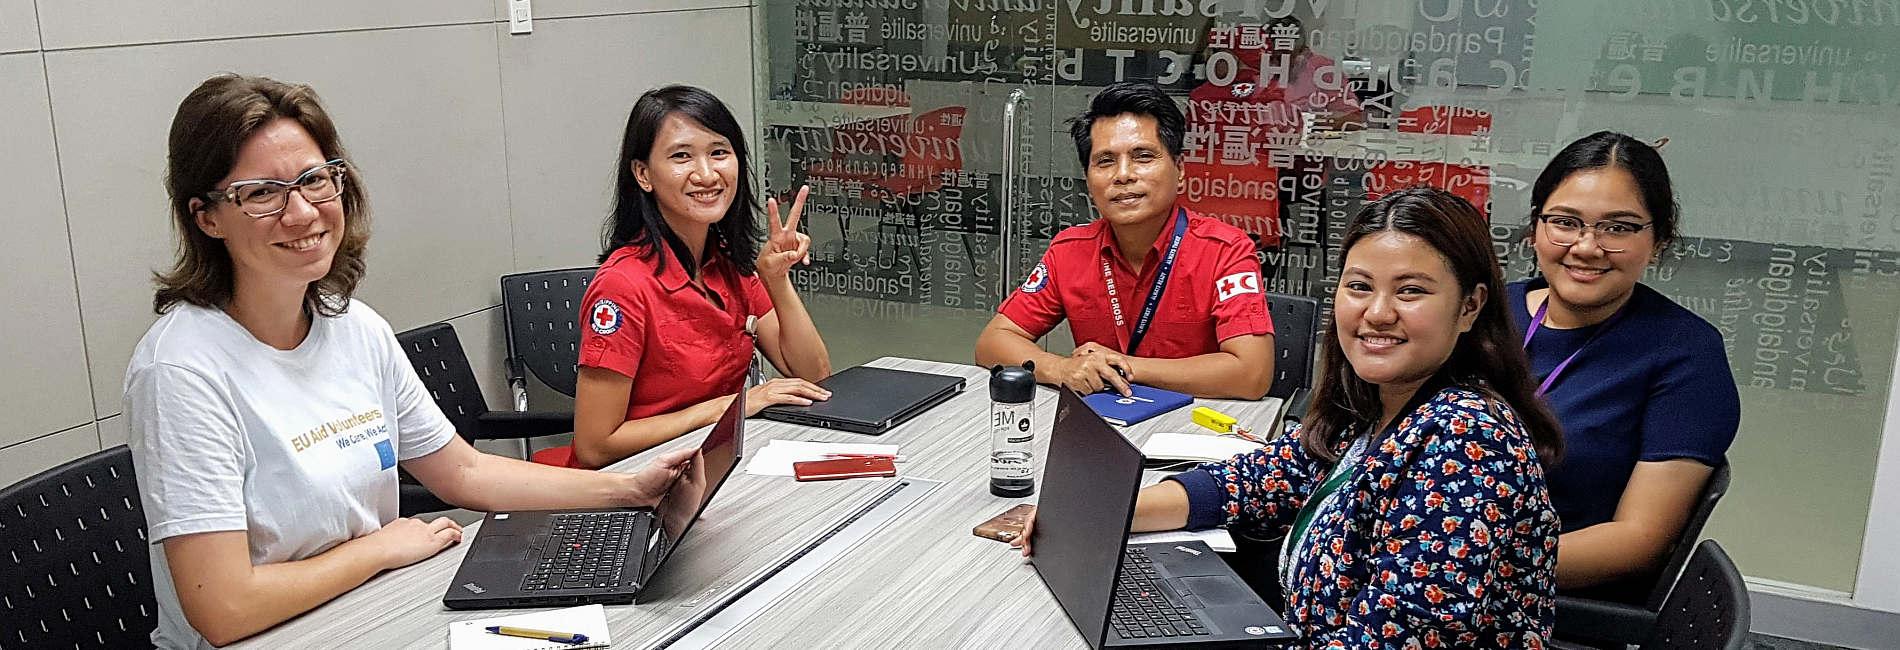 Janina Jasper mit Kollegen vom Philippinischen Roten Kreuz